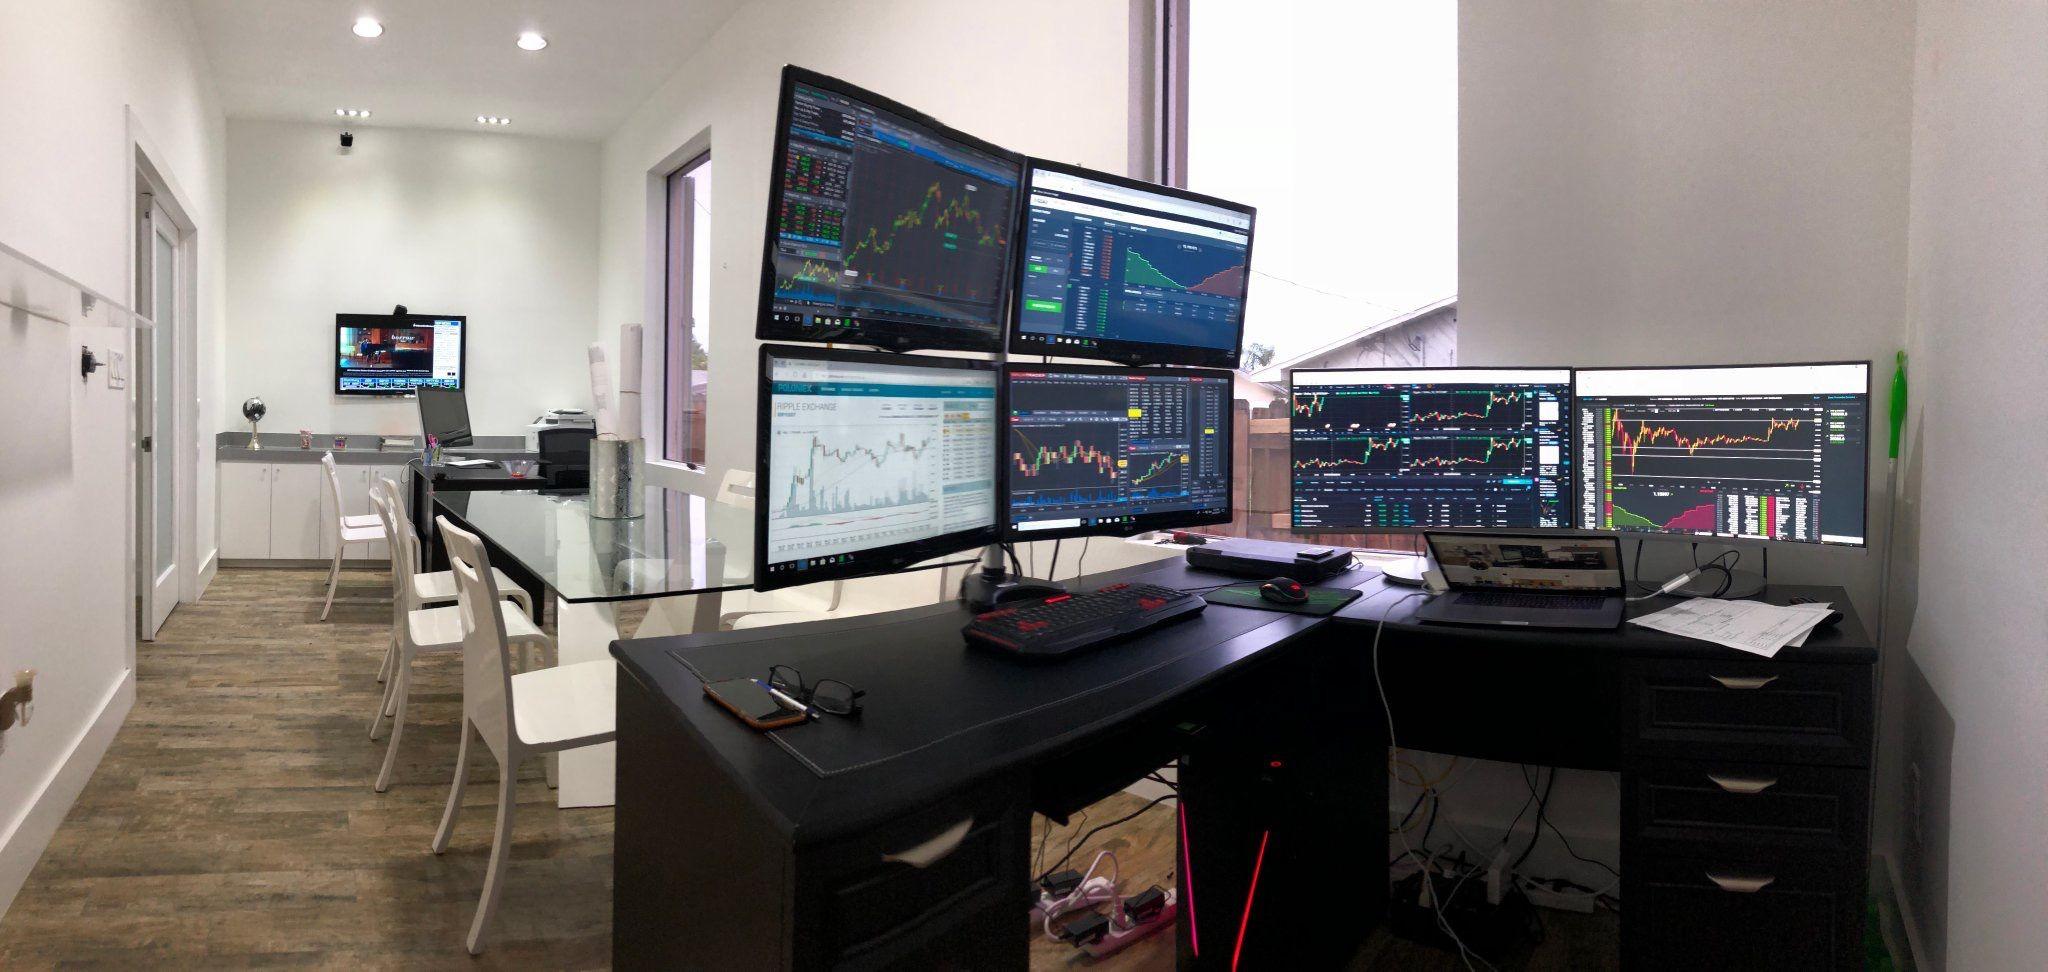 Trader trading desk setup in 2019 | Trading desk, Home